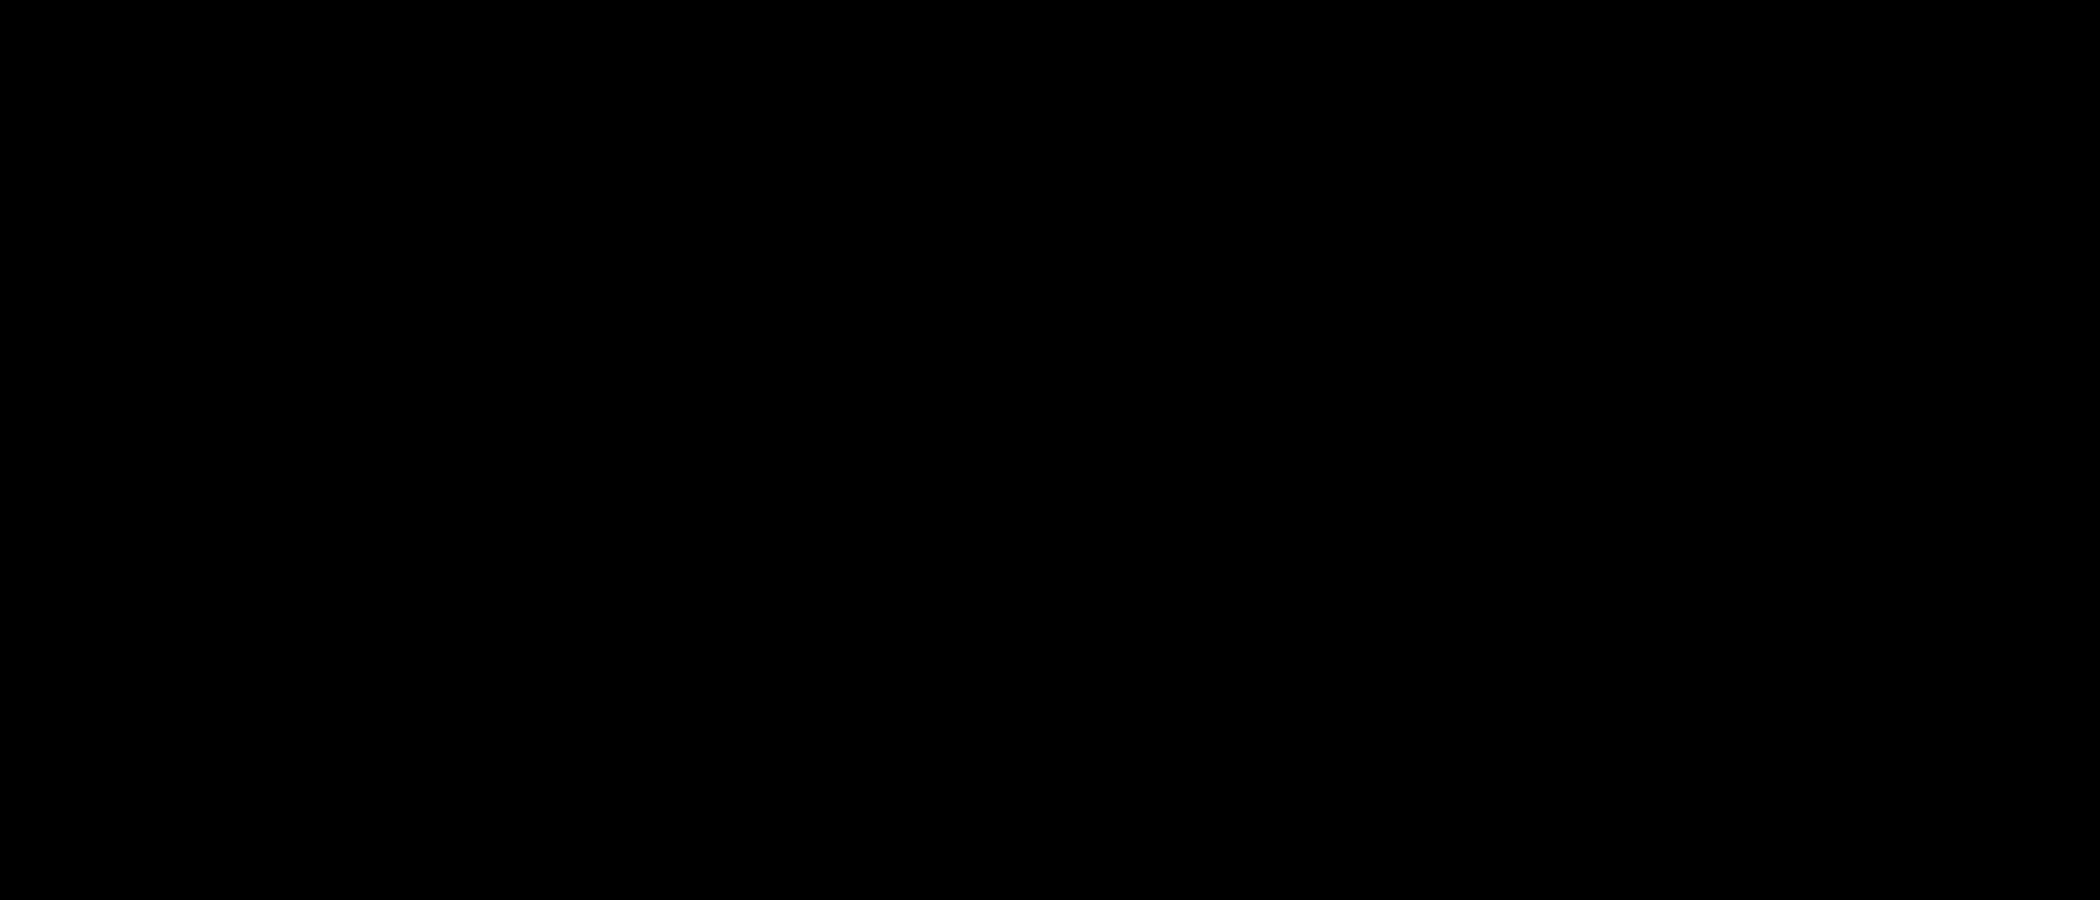 Scrambler logo